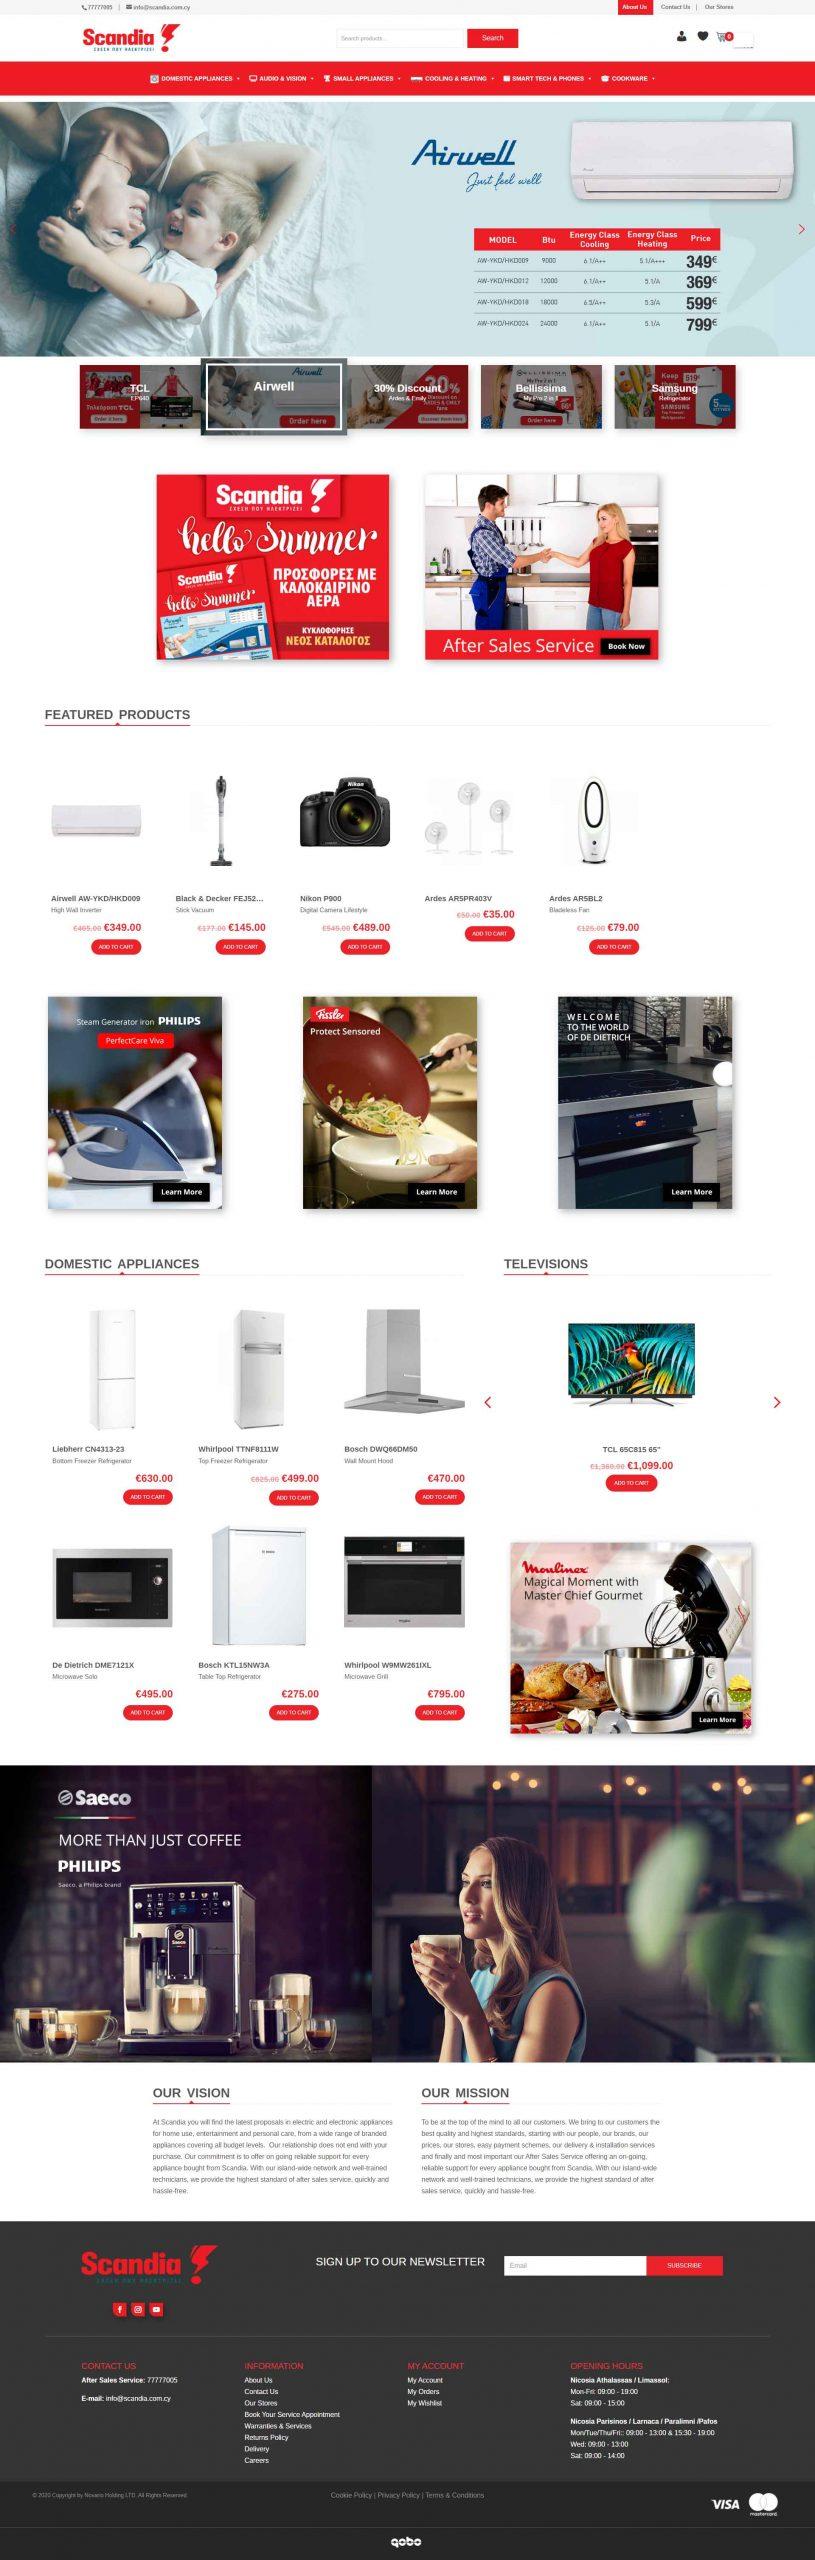 Scandia e-commerce store design